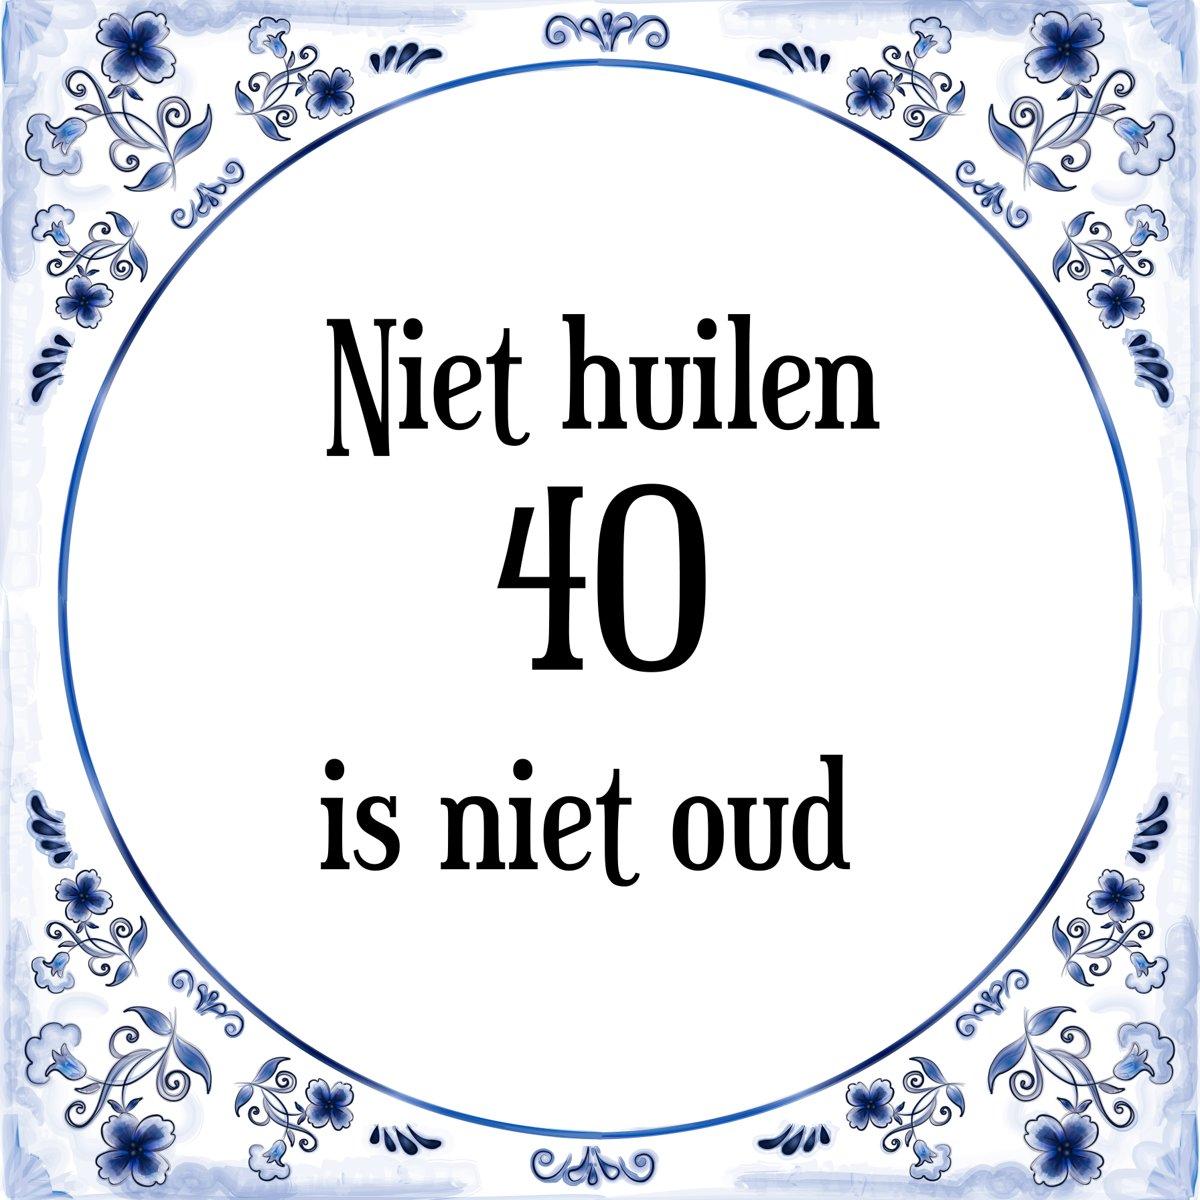 Bol Com Verjaardag Tegeltje Met Spreuk 40 Jaar Niet Huilen 40 Is